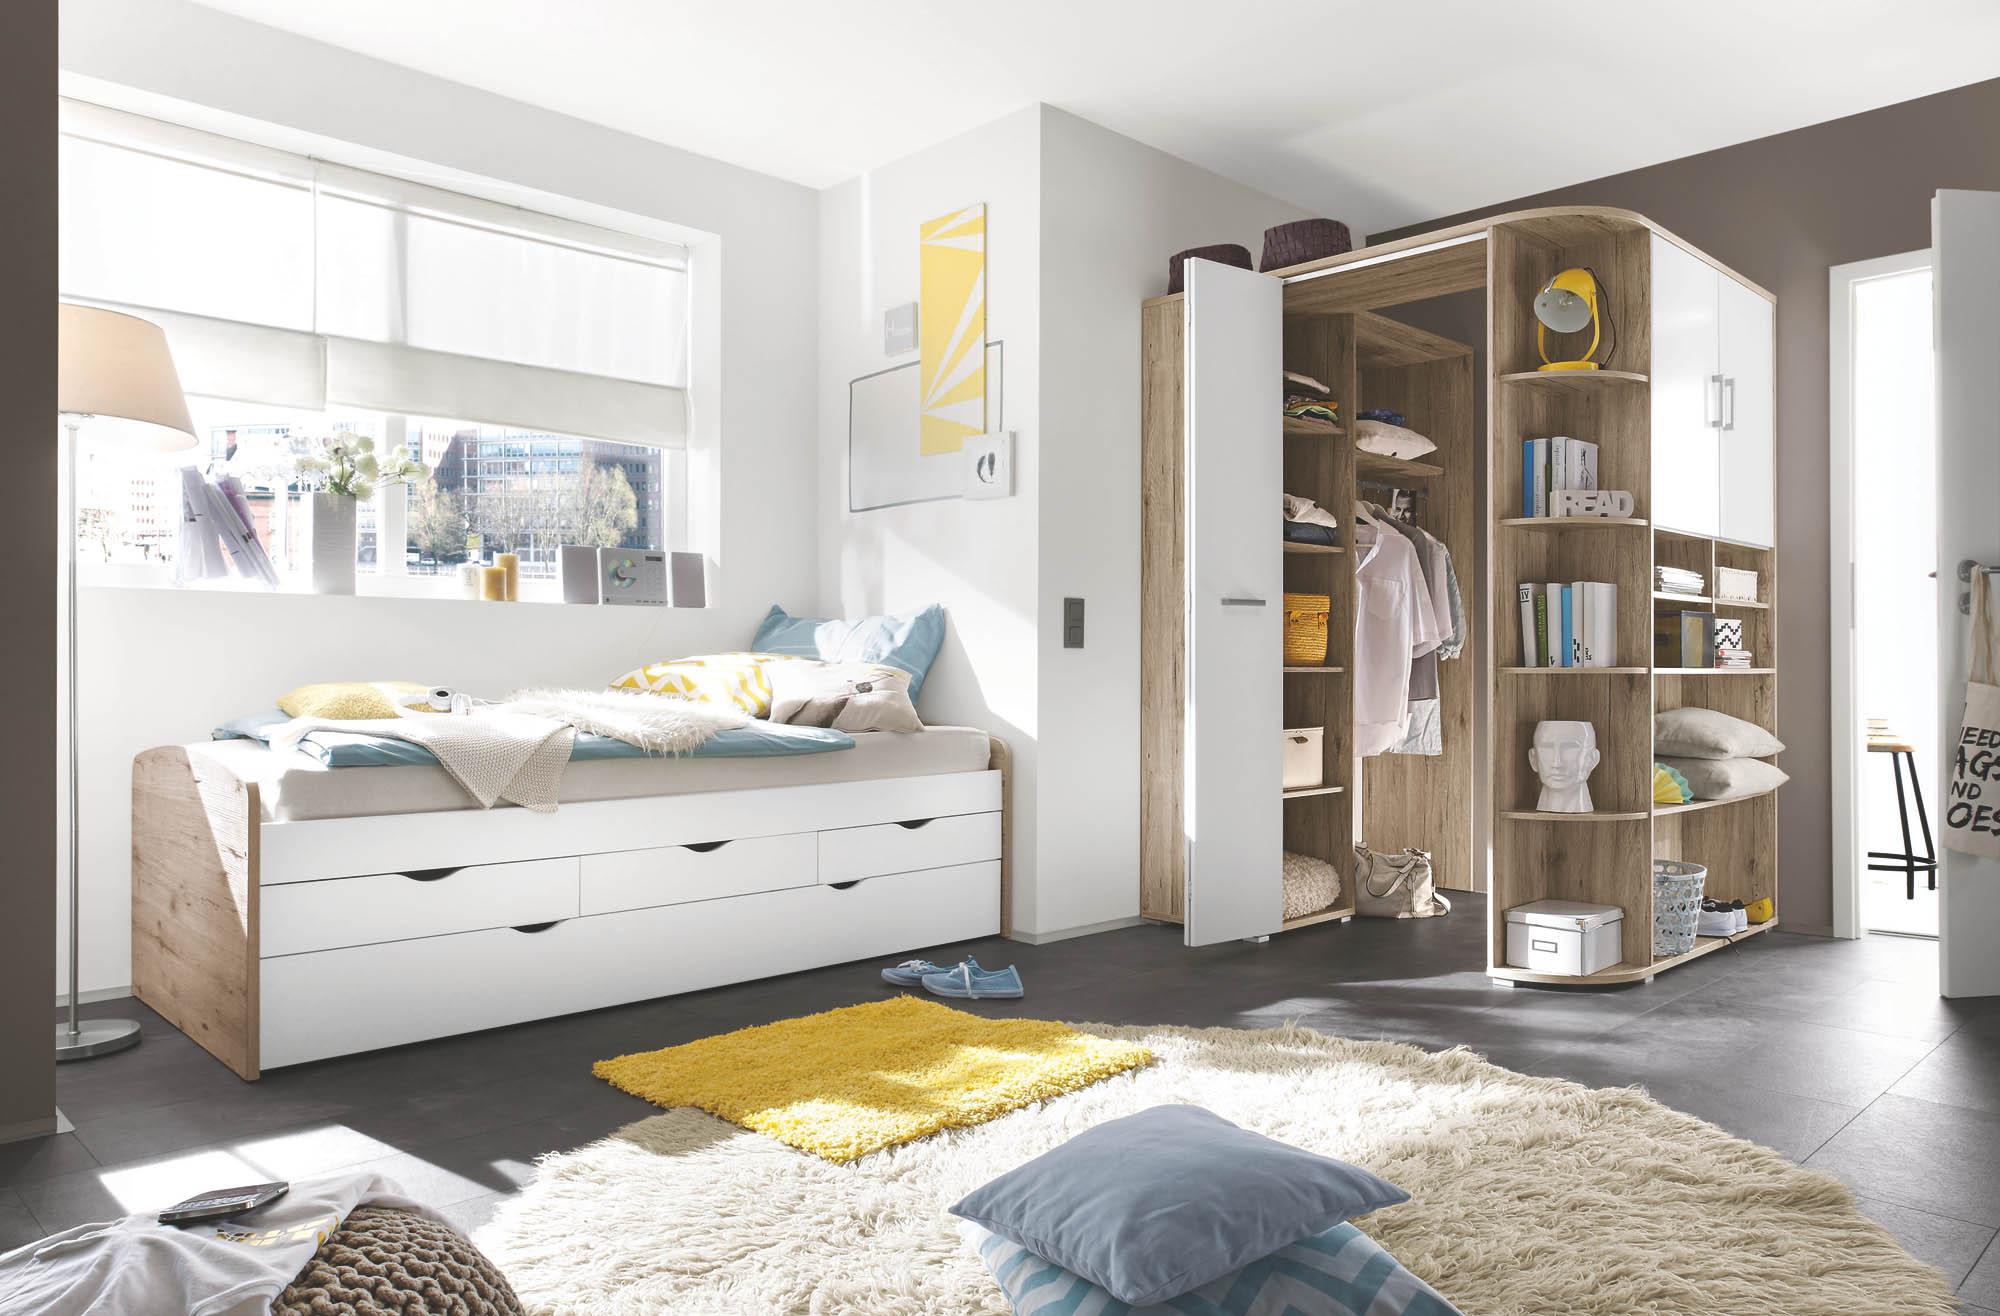 172314 eckschrank sonoma eiche weiss ebay. Black Bedroom Furniture Sets. Home Design Ideas